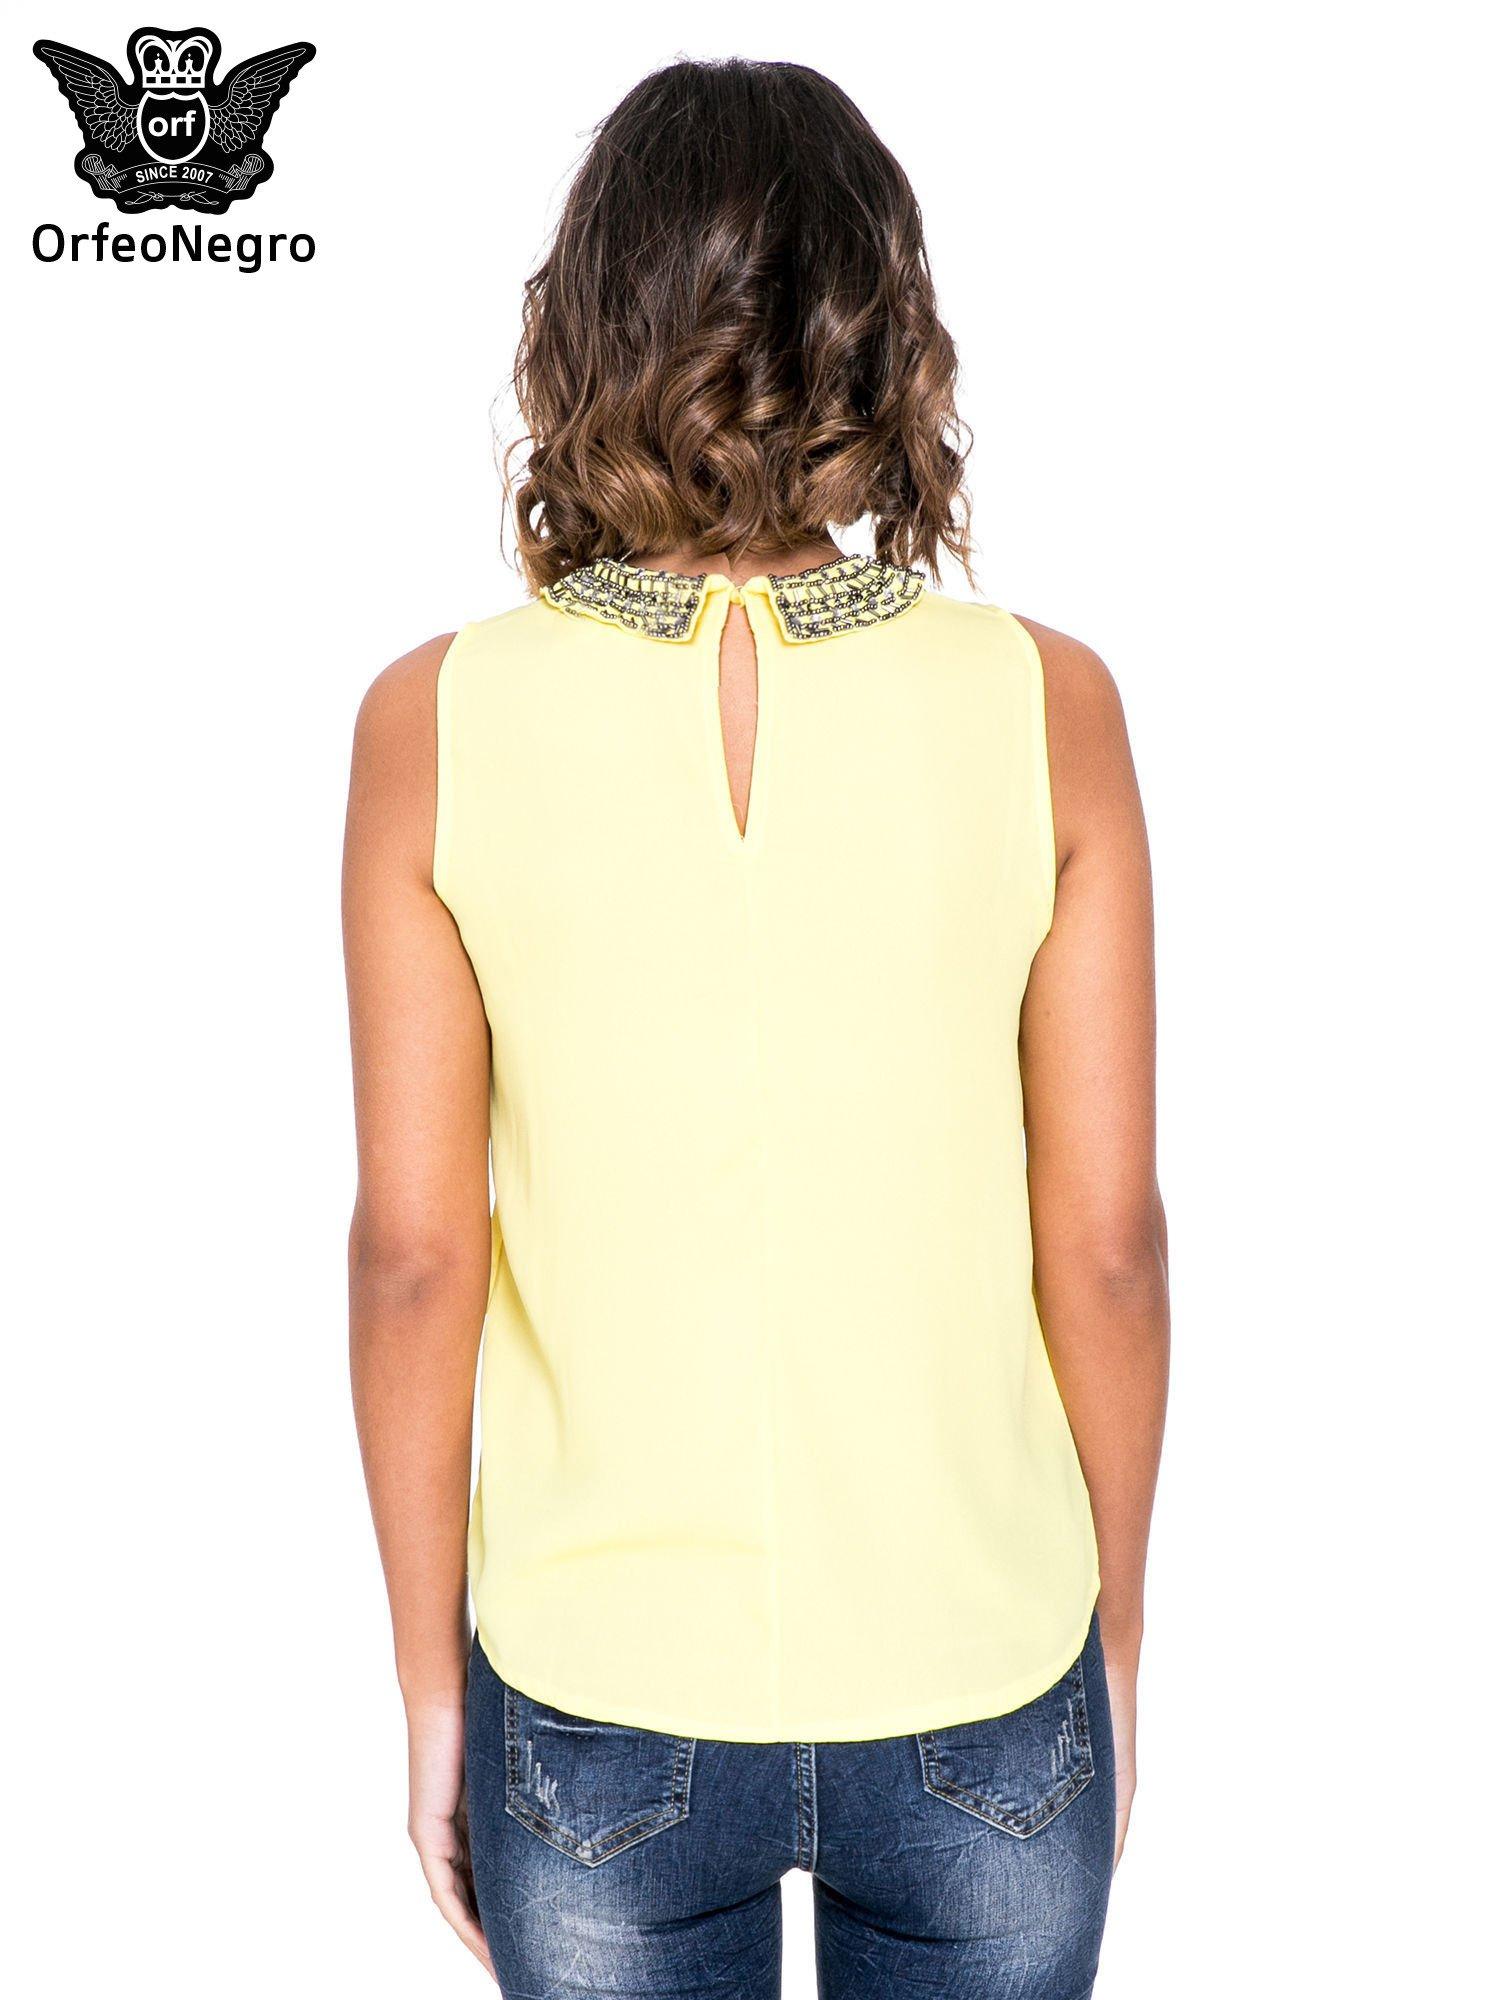 Żółta koszula z okrągłym kołnierzykiem zdobionym cekinami i koralikami                                  zdj.                                  4